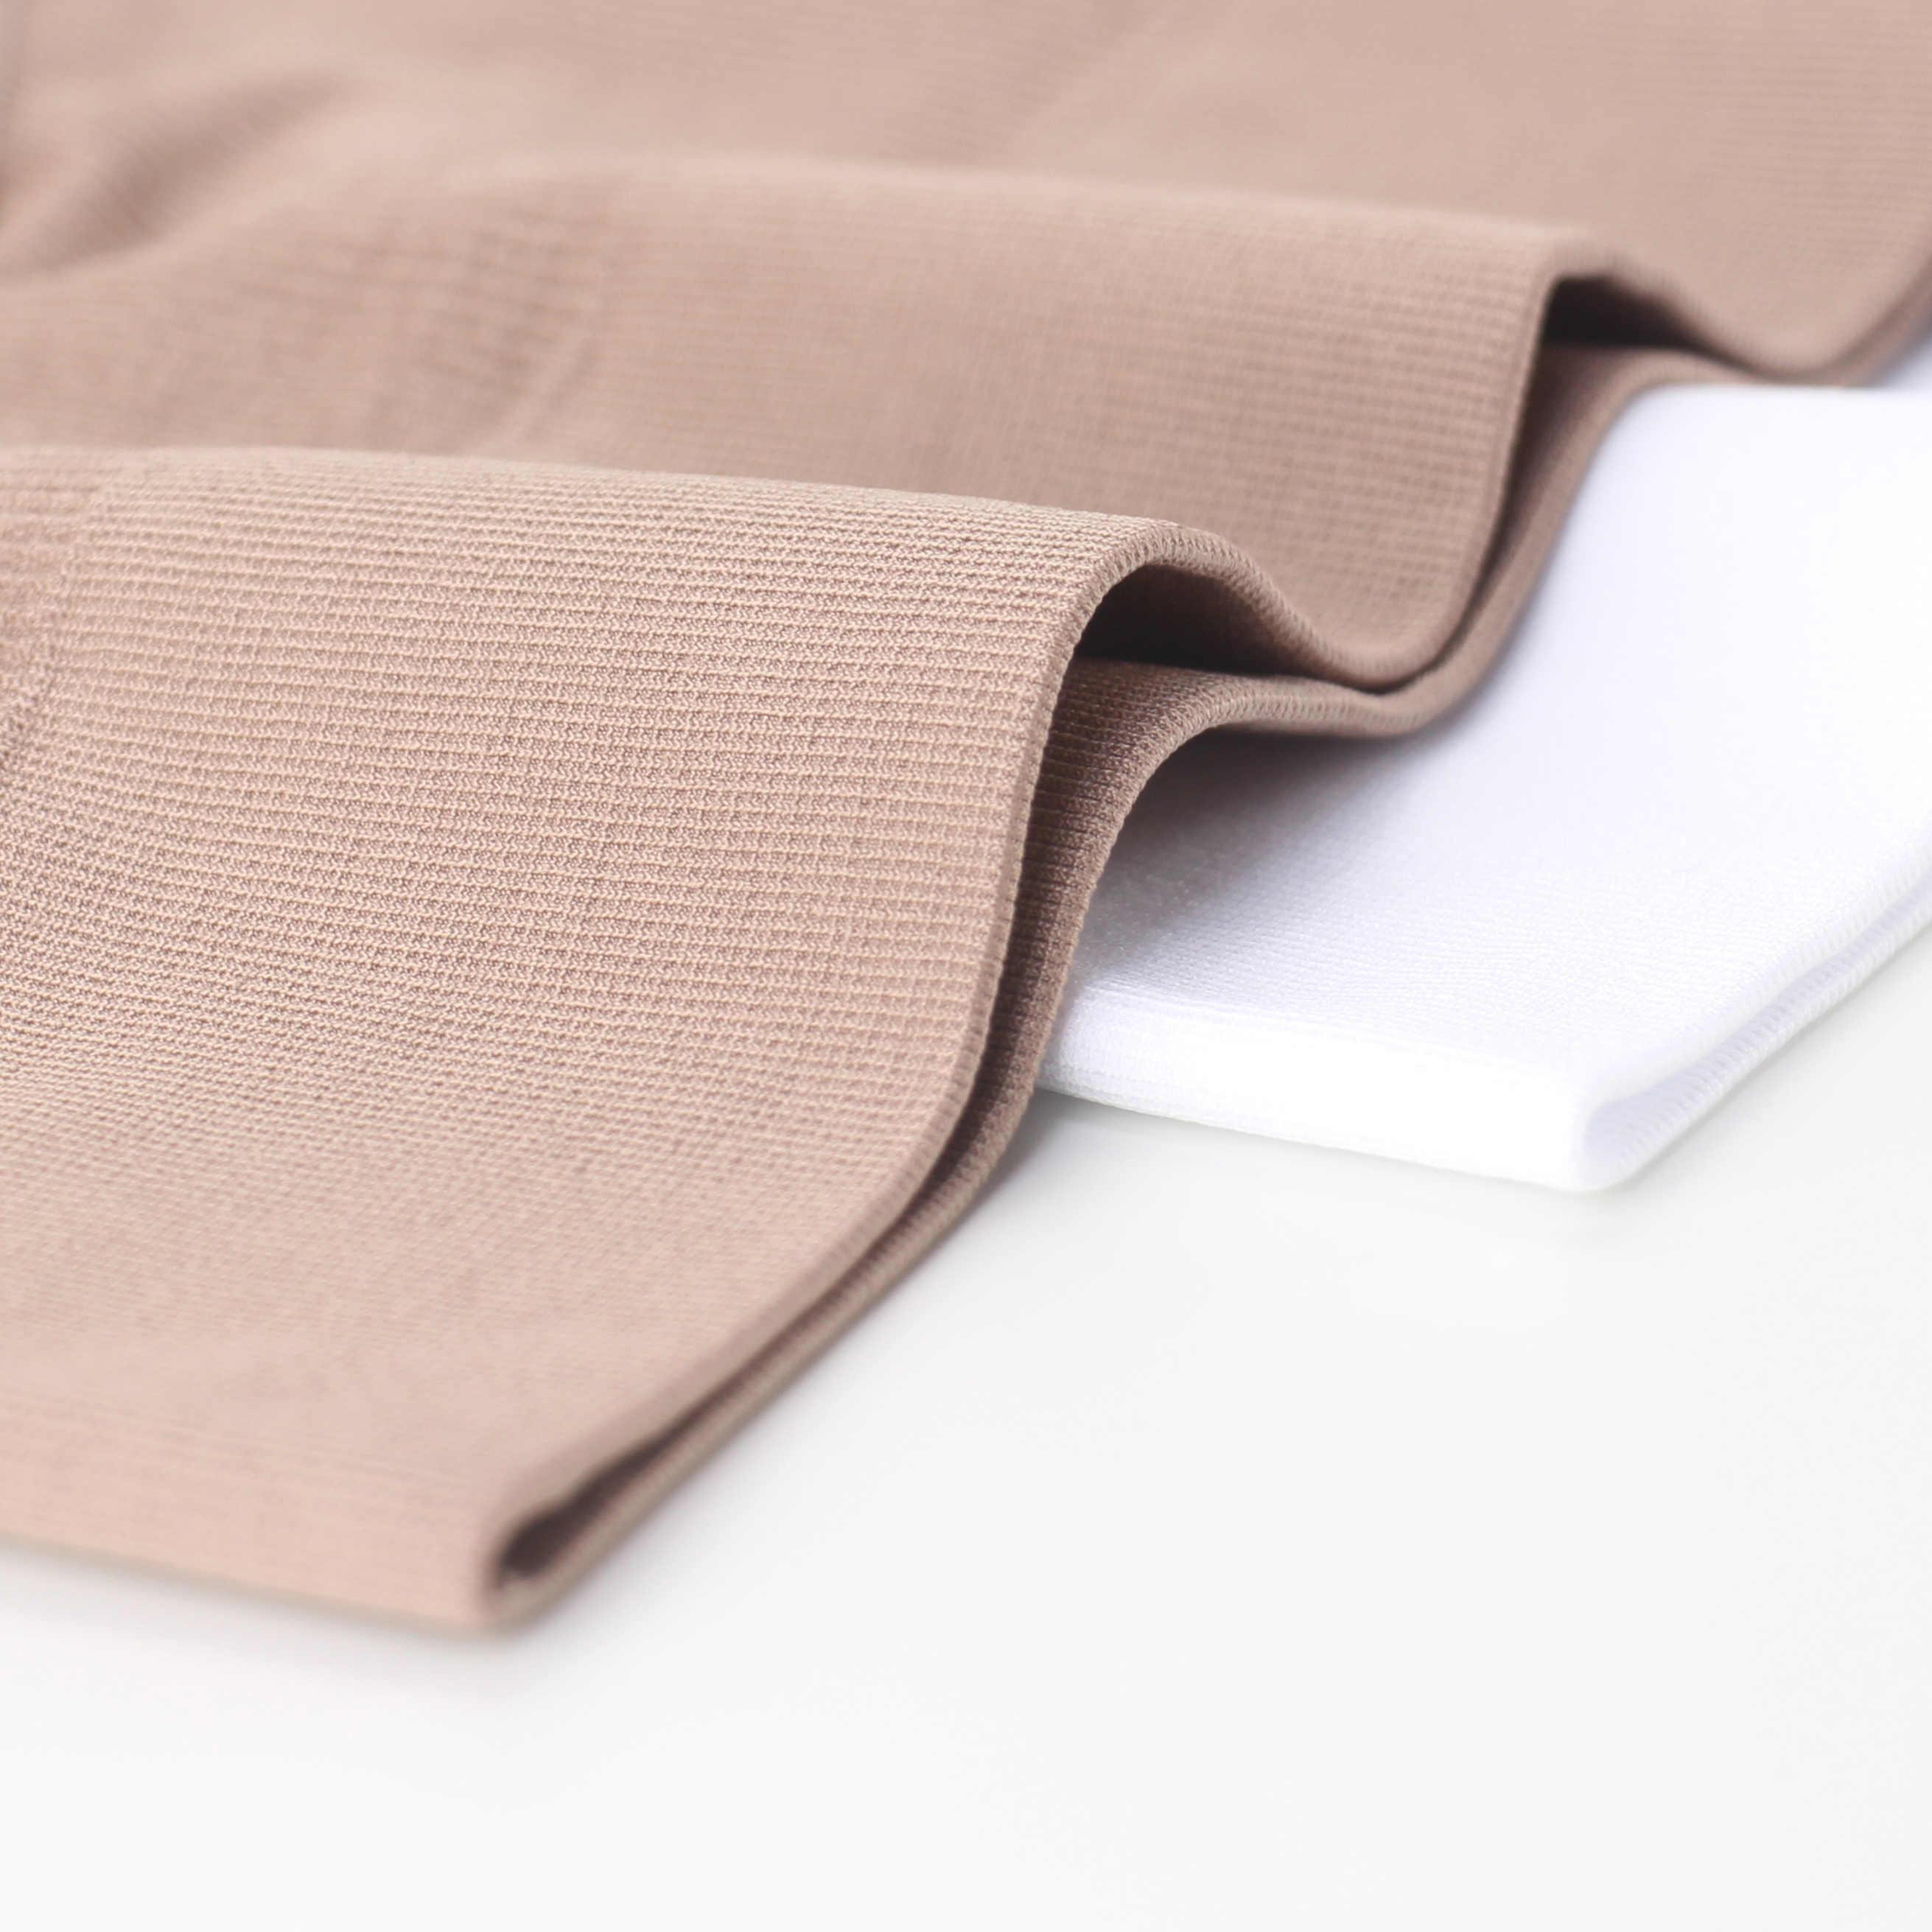 Dos ouvert débardeur brassière confortable sans couture soutien-gorge pour femmes sans fil sous-vêtements Sexy dos nu Bralette